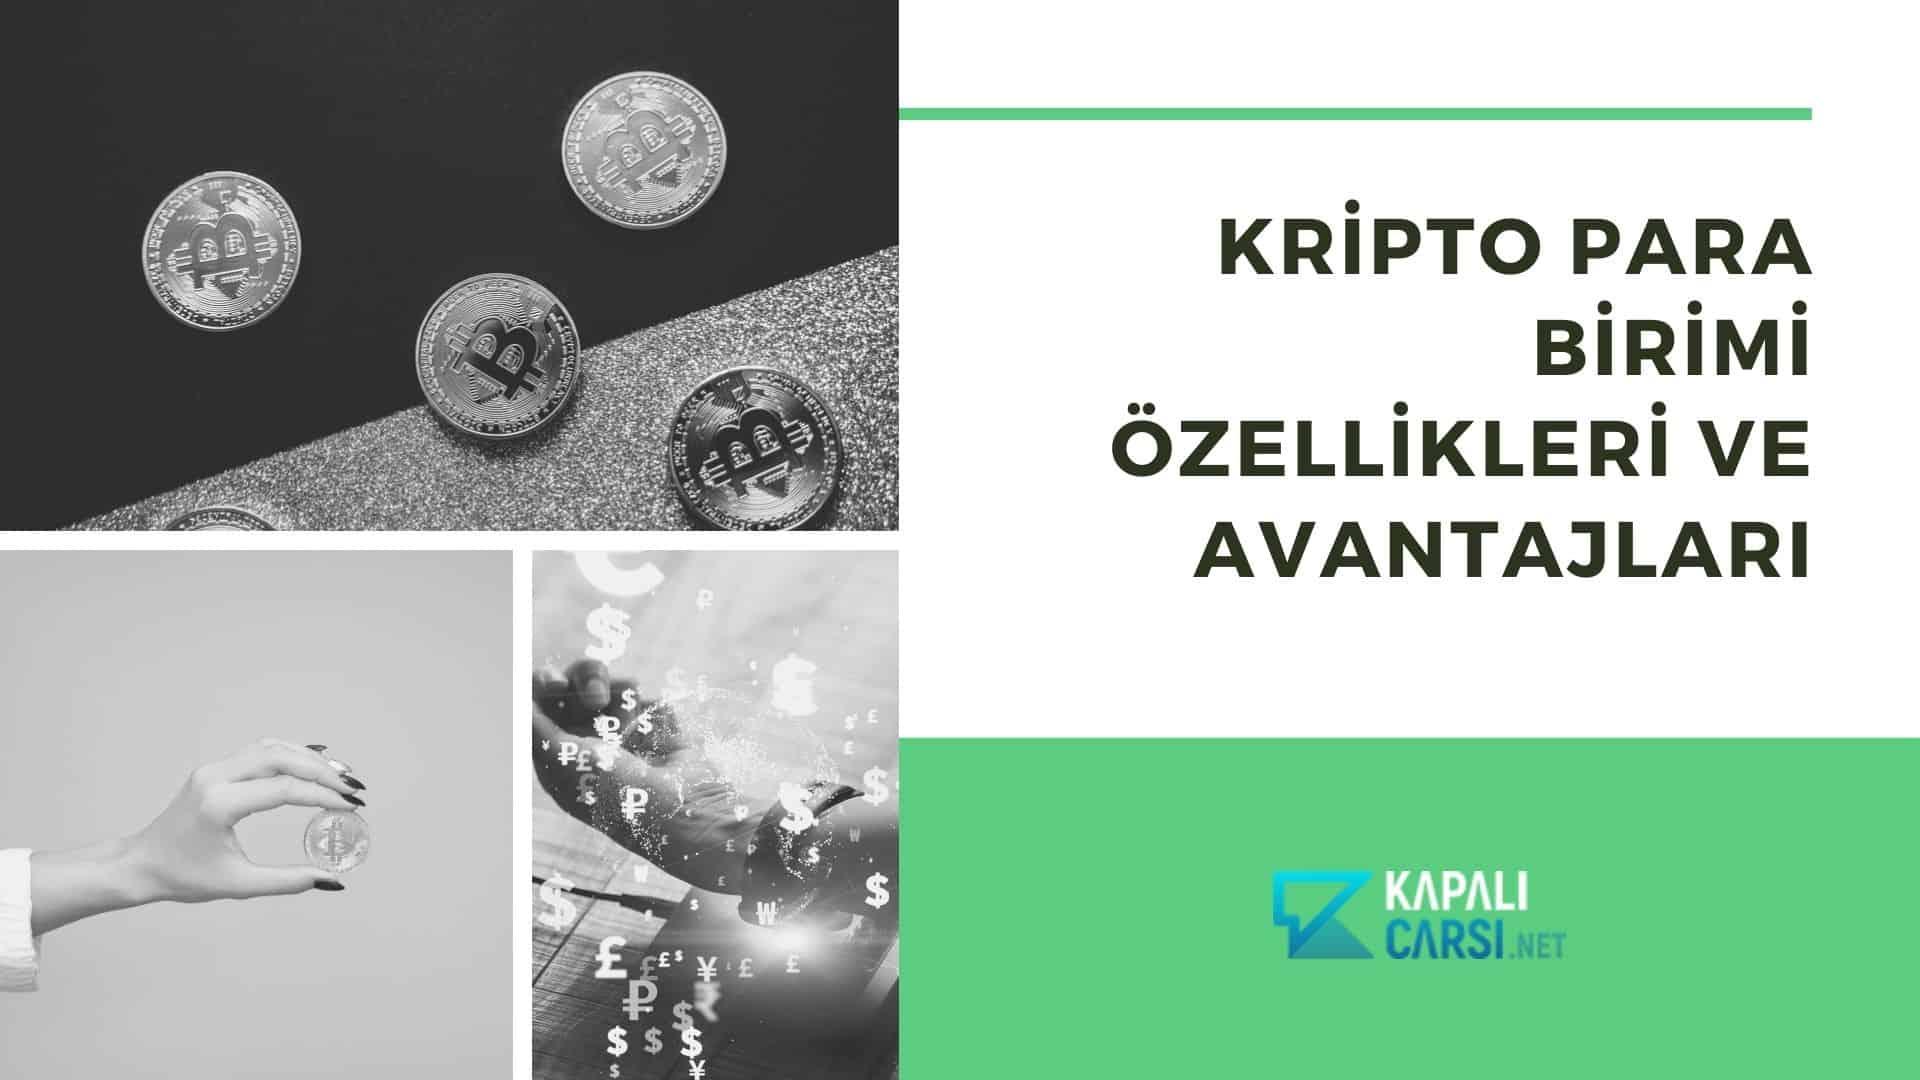 Kripto Para Borsasına Girmek İçin Tüm Detaylar